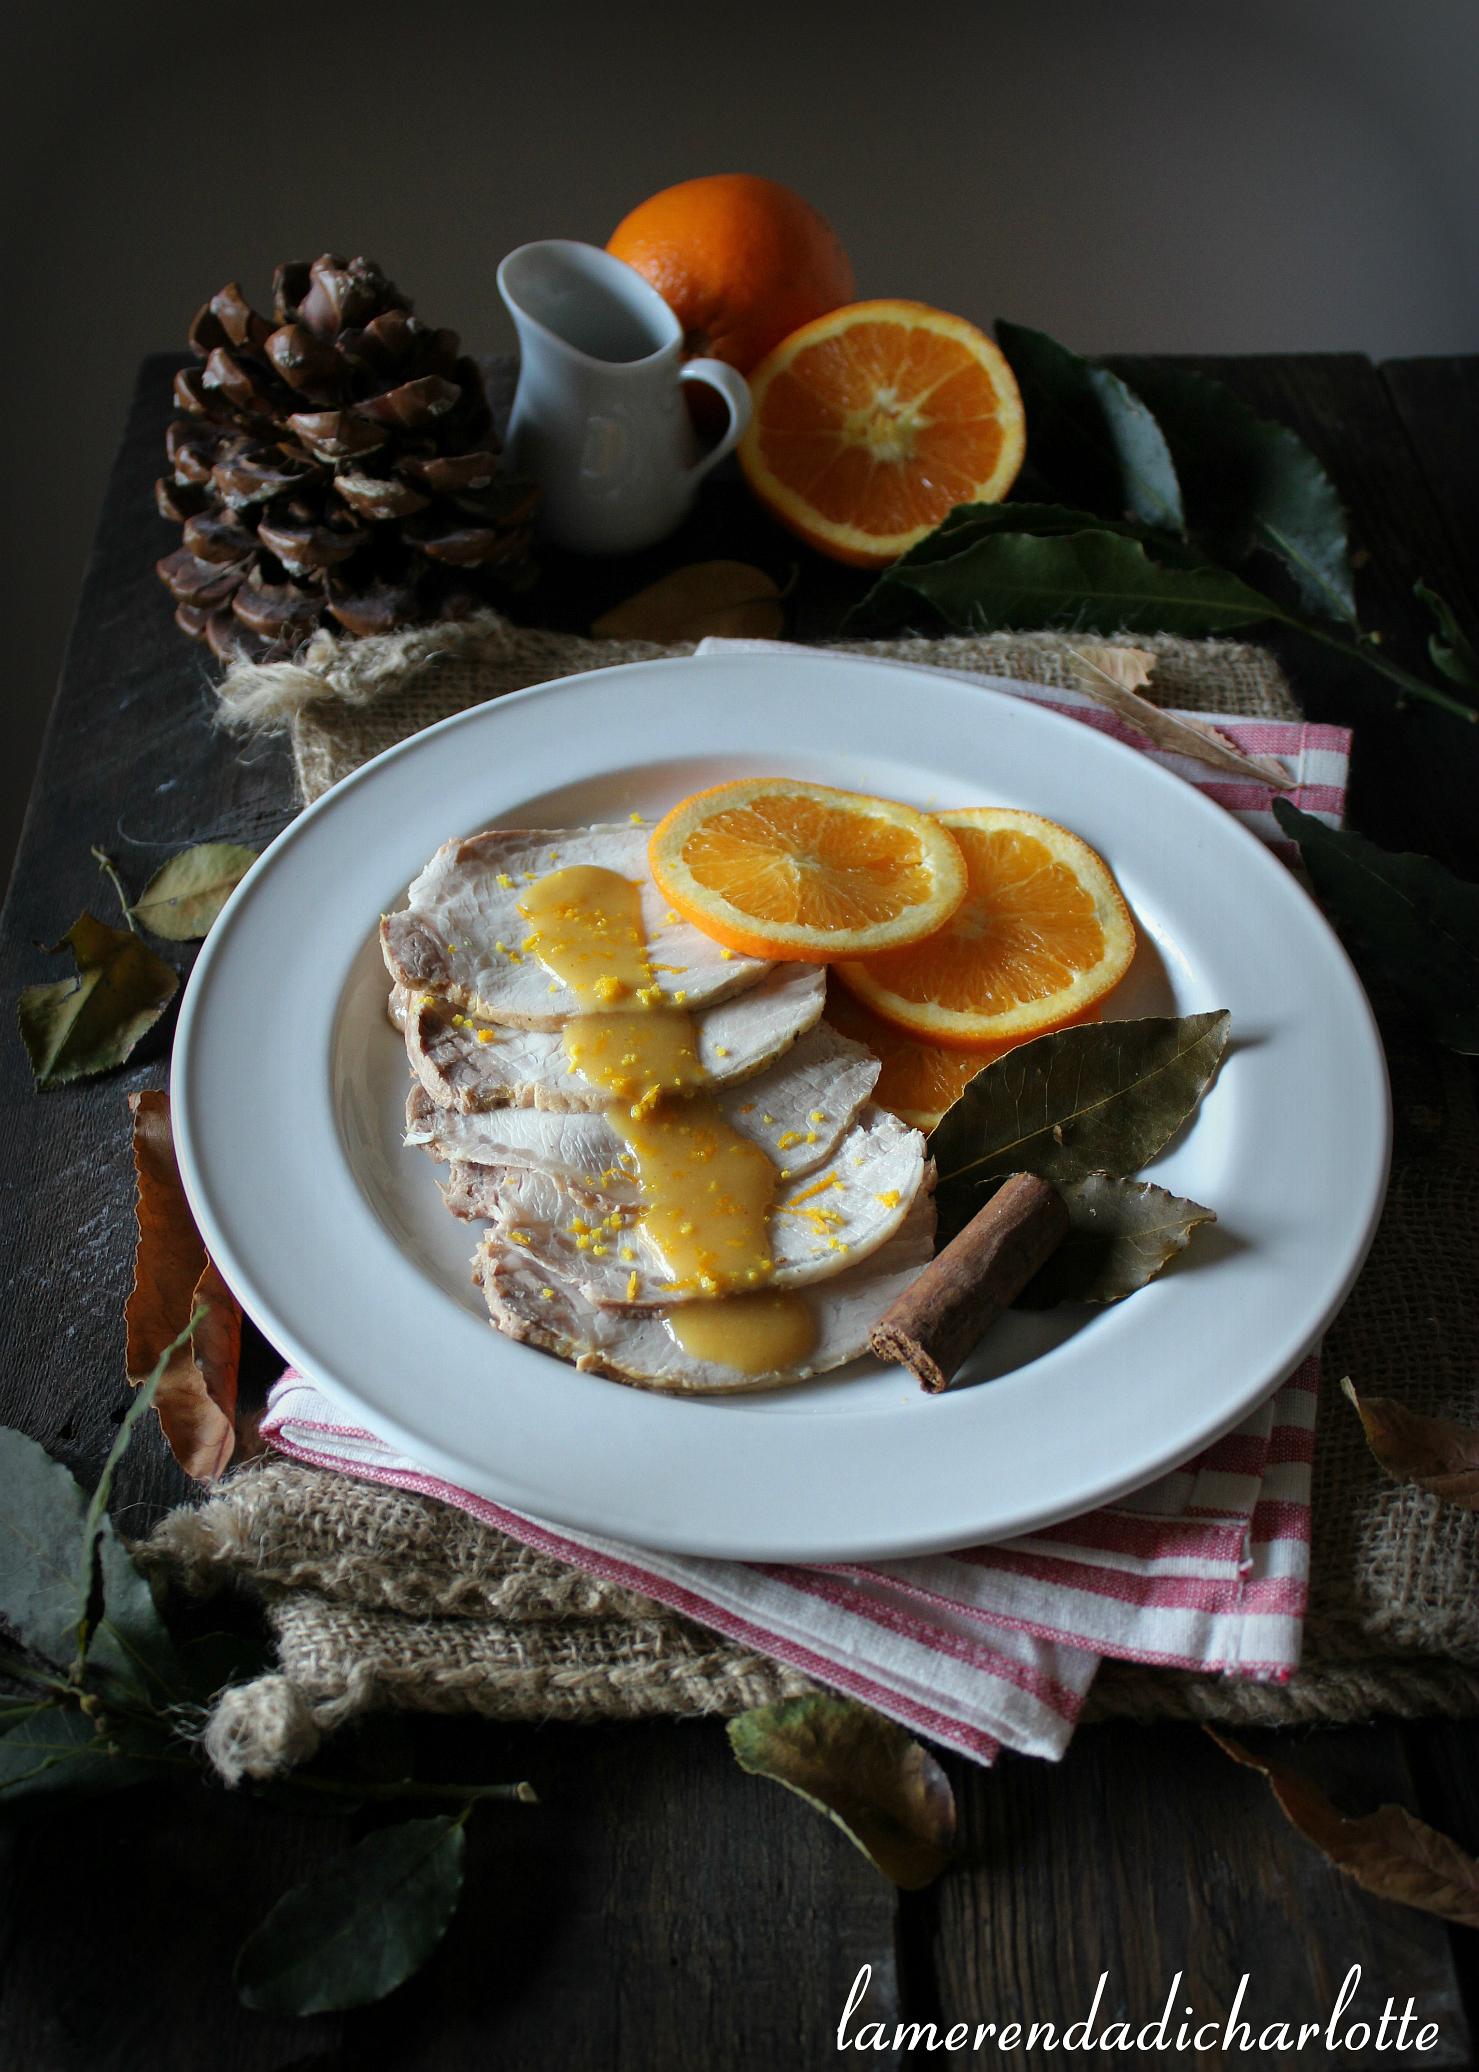 arrosto all'arancia e cannella